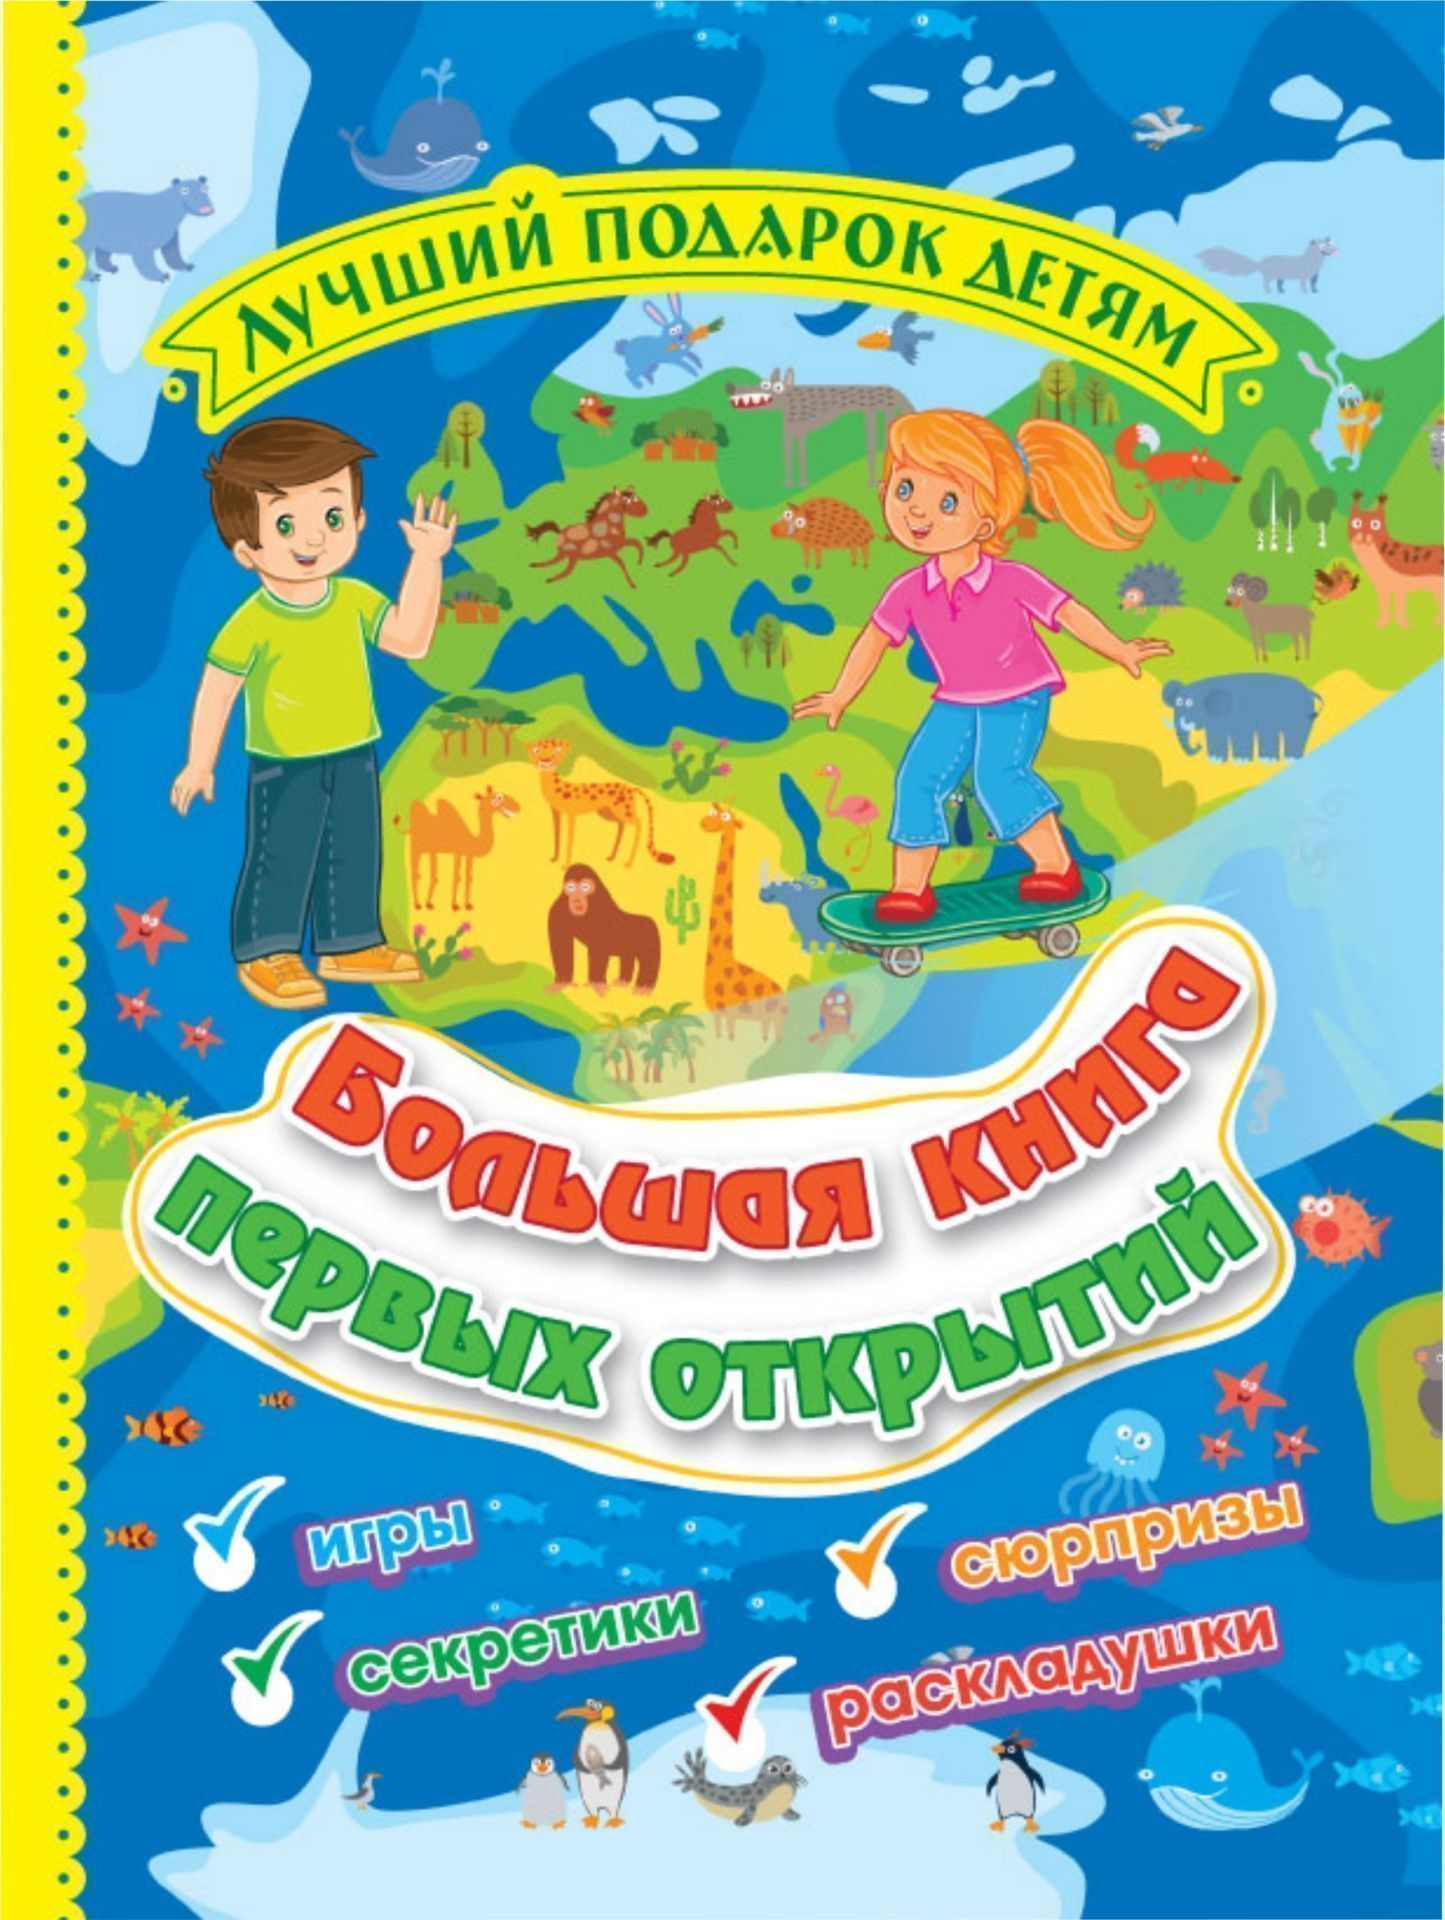 Купить со скидкой Большая книга первых открытий. Лучший подарок детям: Игры, секретики, сюрпризы, раскладушки